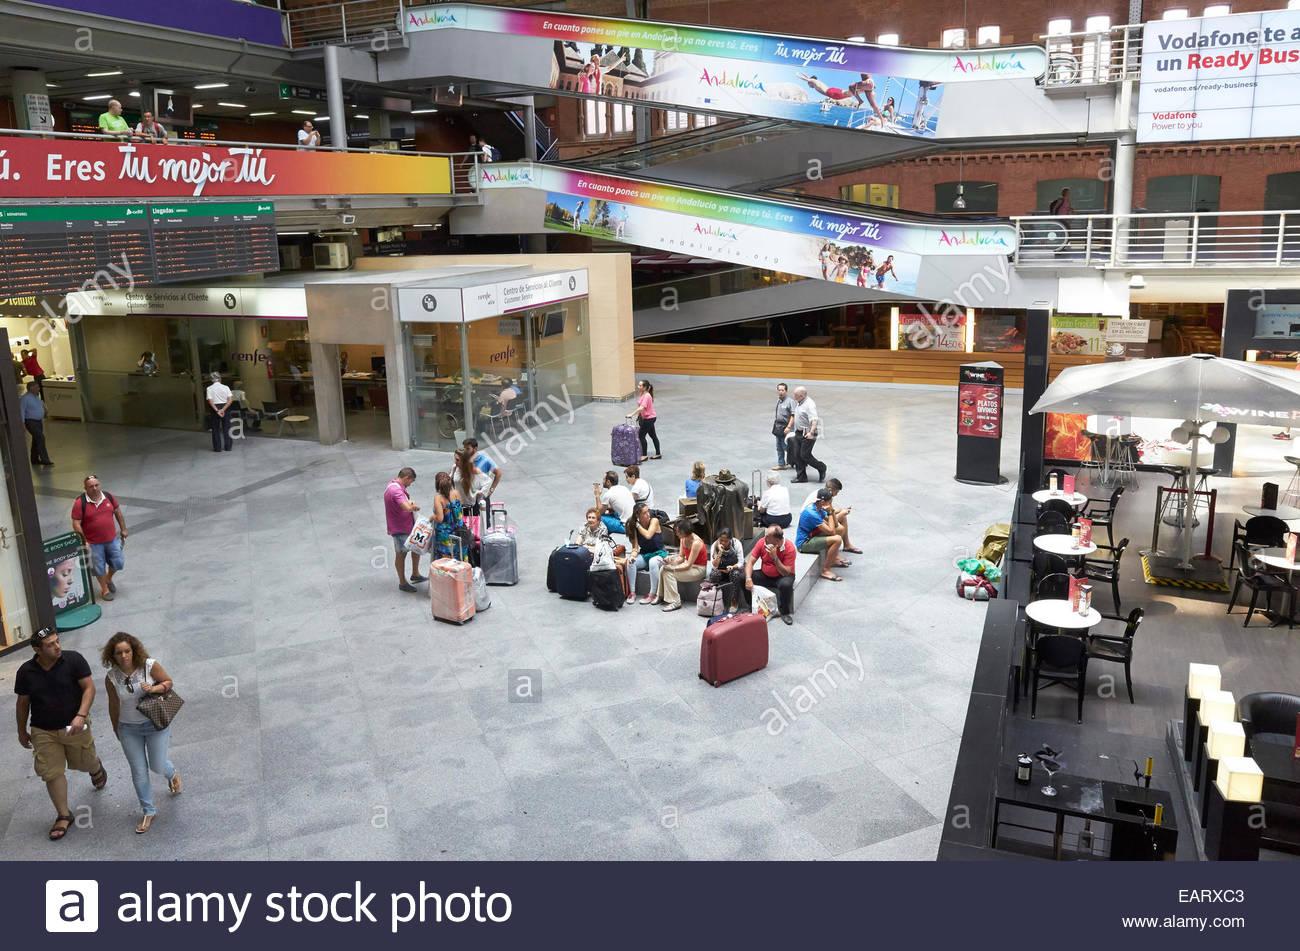 Interno della stazione ferroviaria di Atocha di Madrid con pendolari e area ristorante con diners visto da sopra Immagini Stock